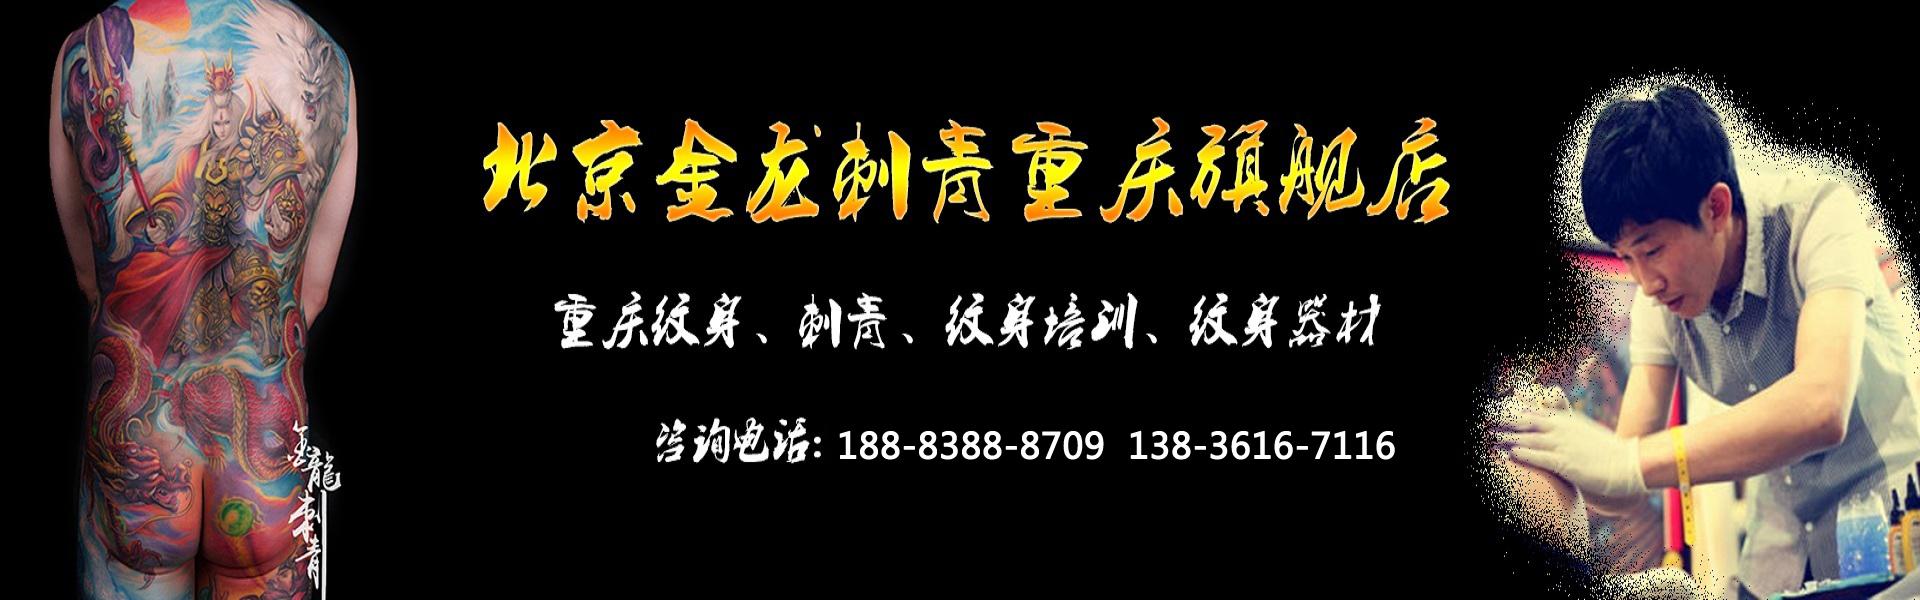 北京金龙刺青重庆旗舰店:重庆纹身、刺青、纹身培训、纹身器材